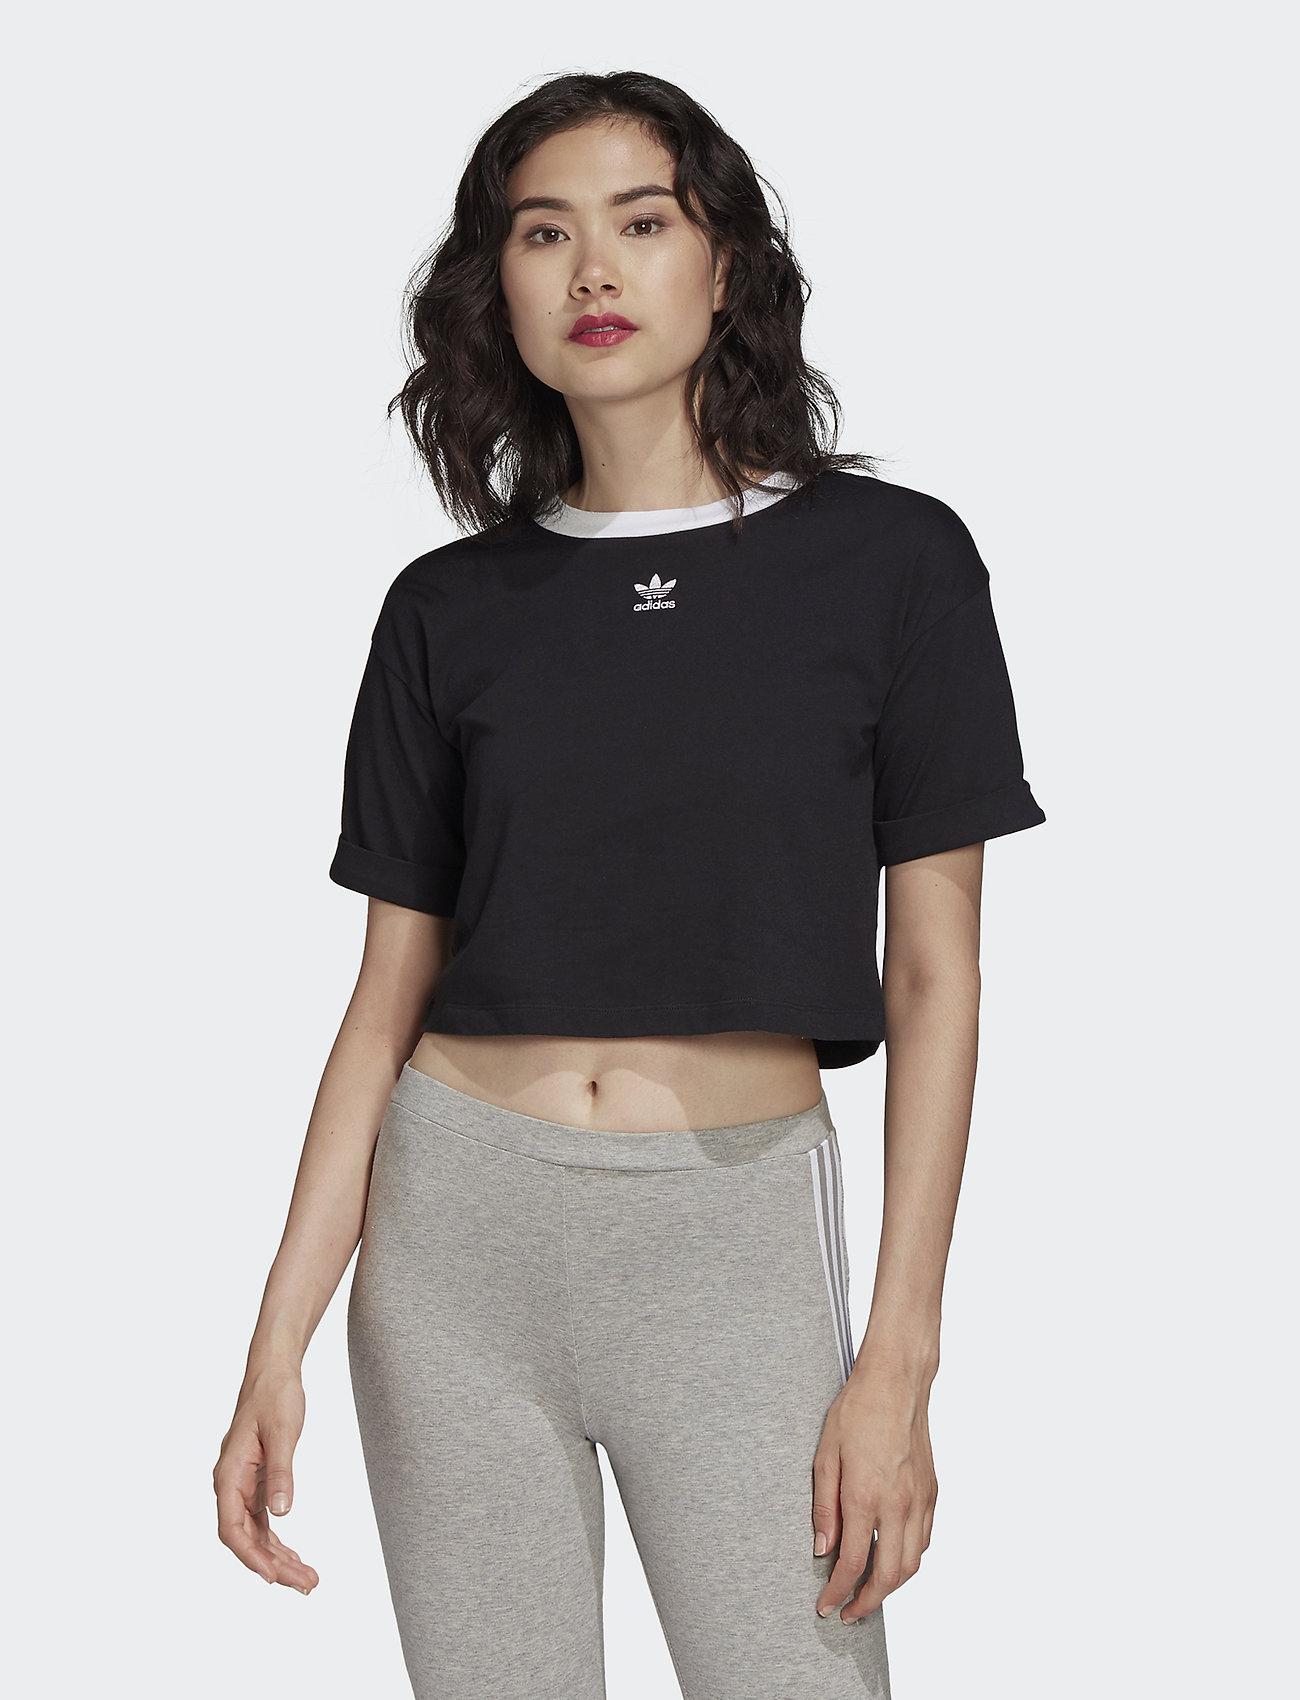 adidas t shirt crop top